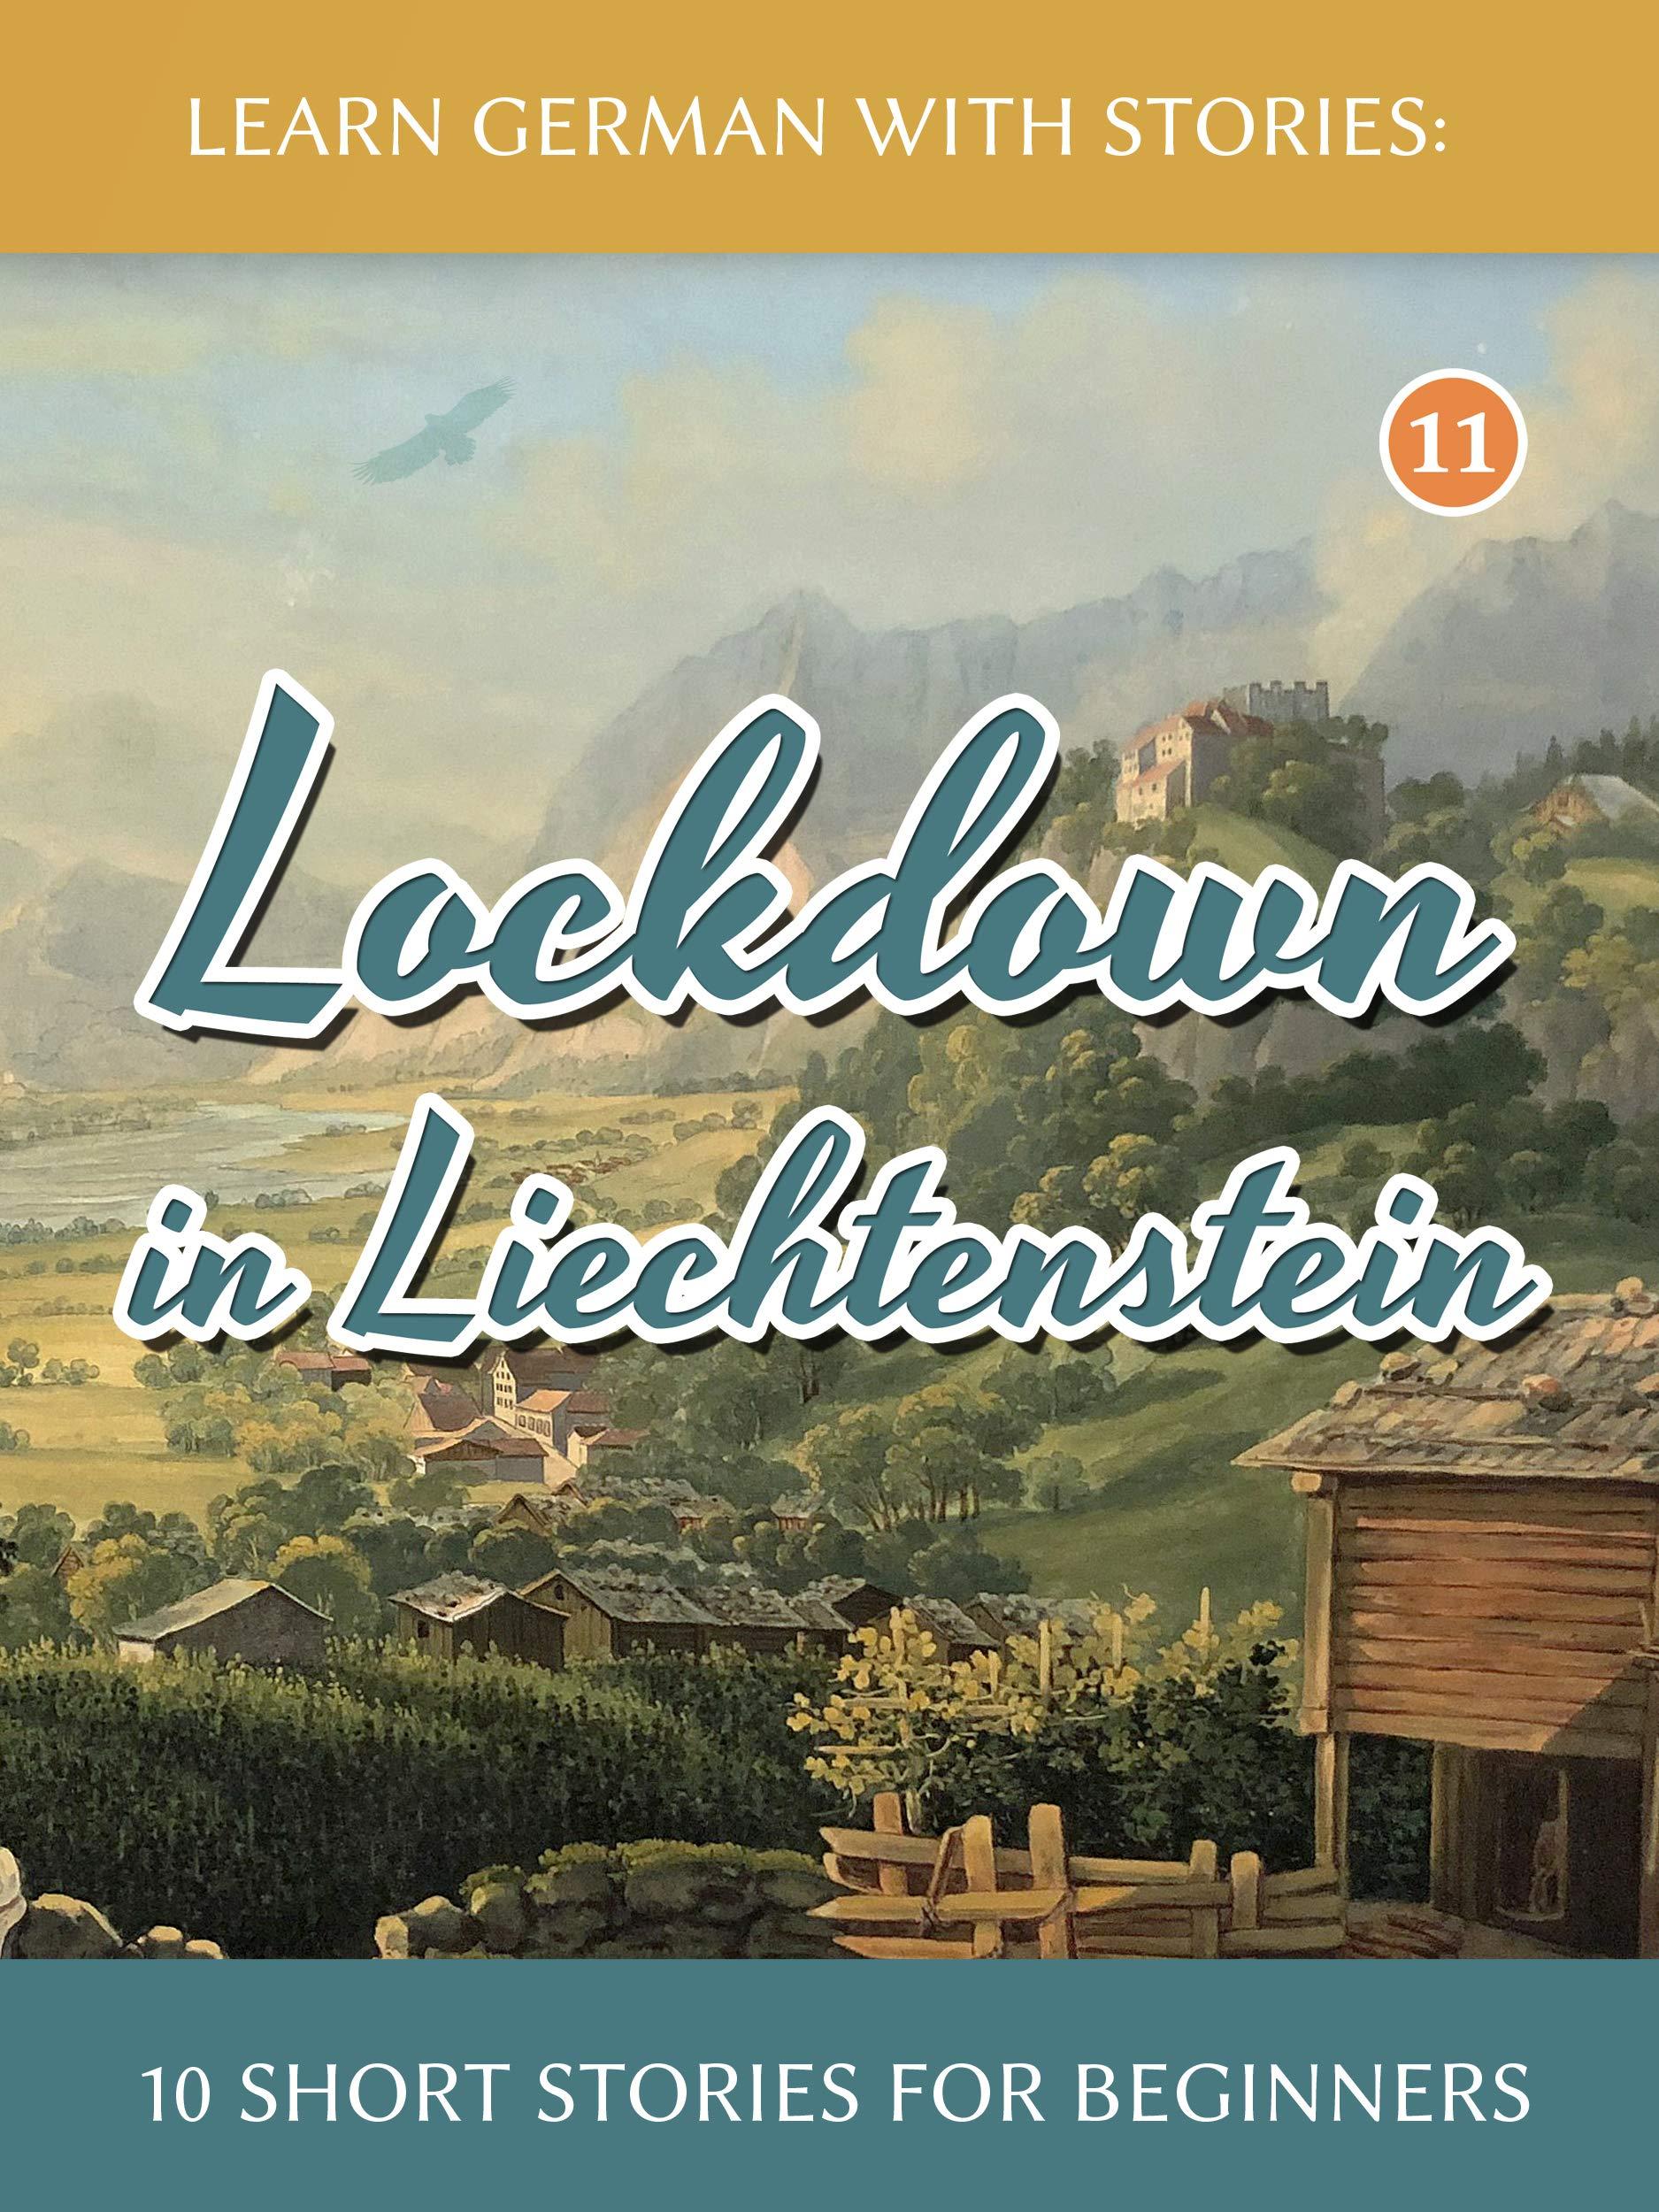 Learn German with Stories: Lockdown in Liechtenstein – 10 Short Stories For Beginners (Dino lernt Deutsch 11)